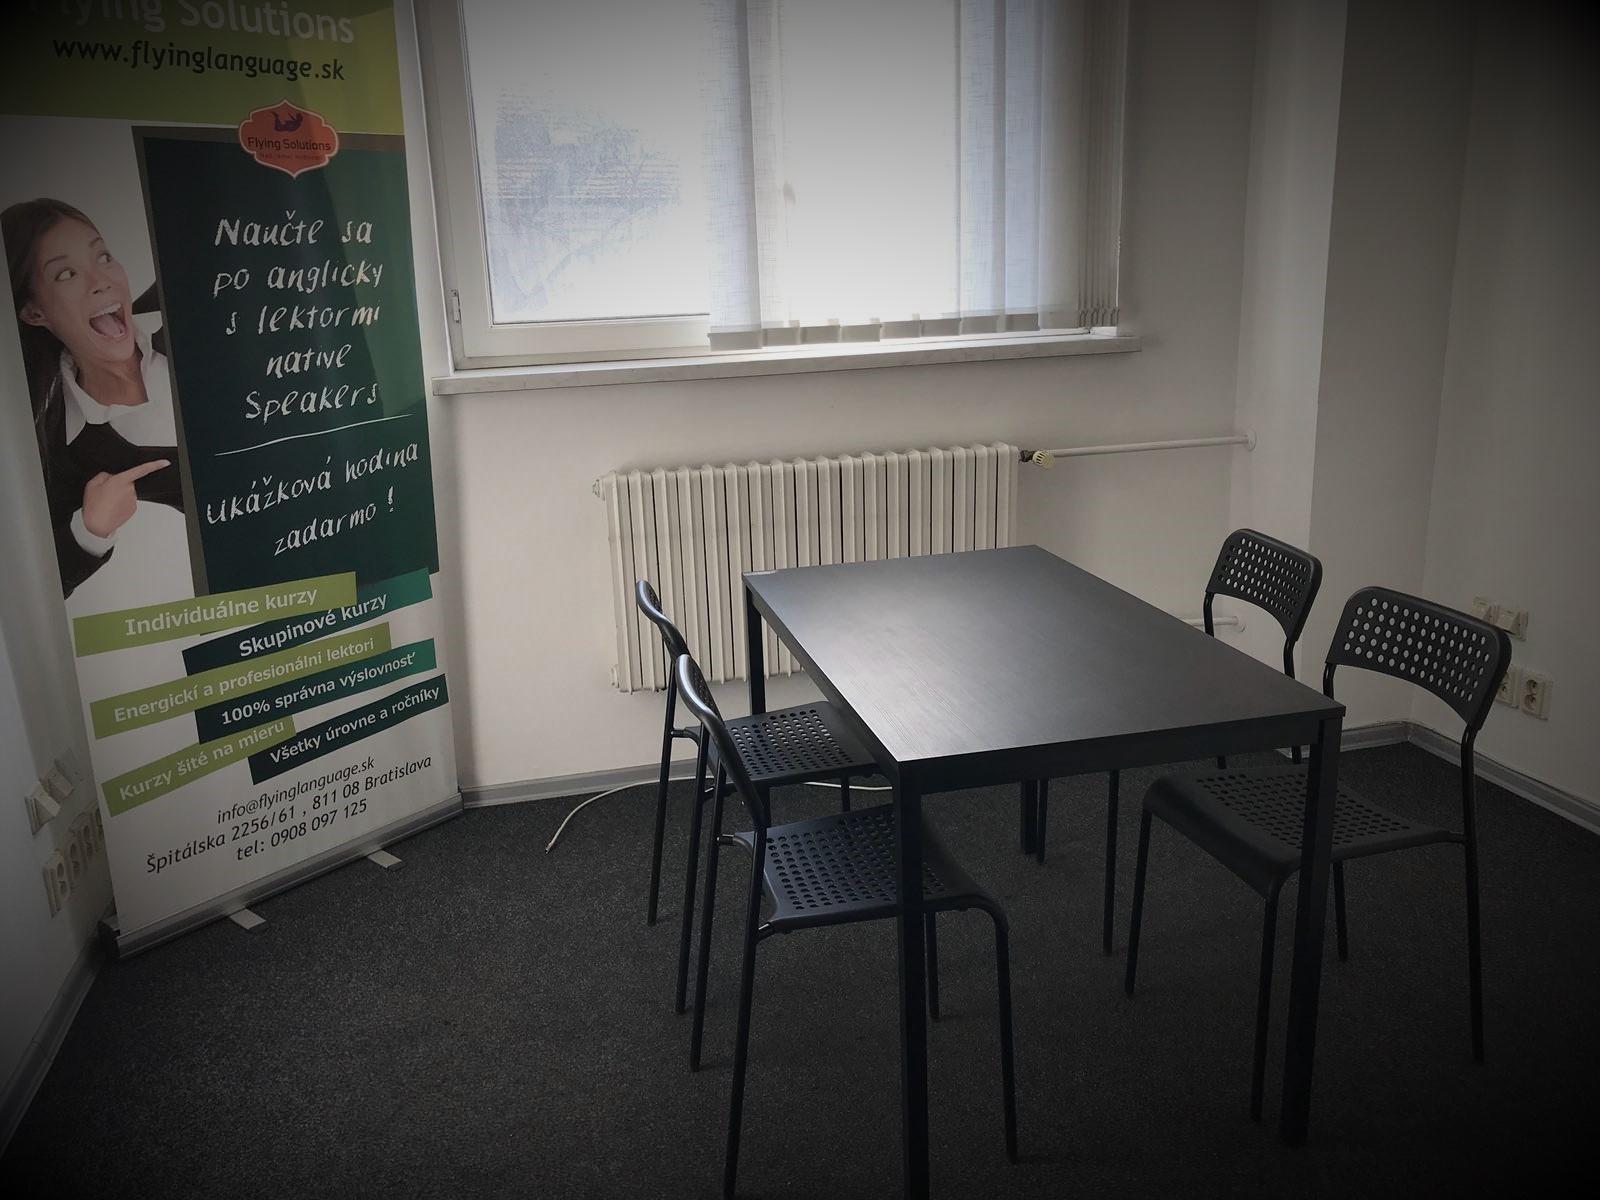 jazykova skola Bratislava ucebna pre individualne kurzy a male skupiny studentov